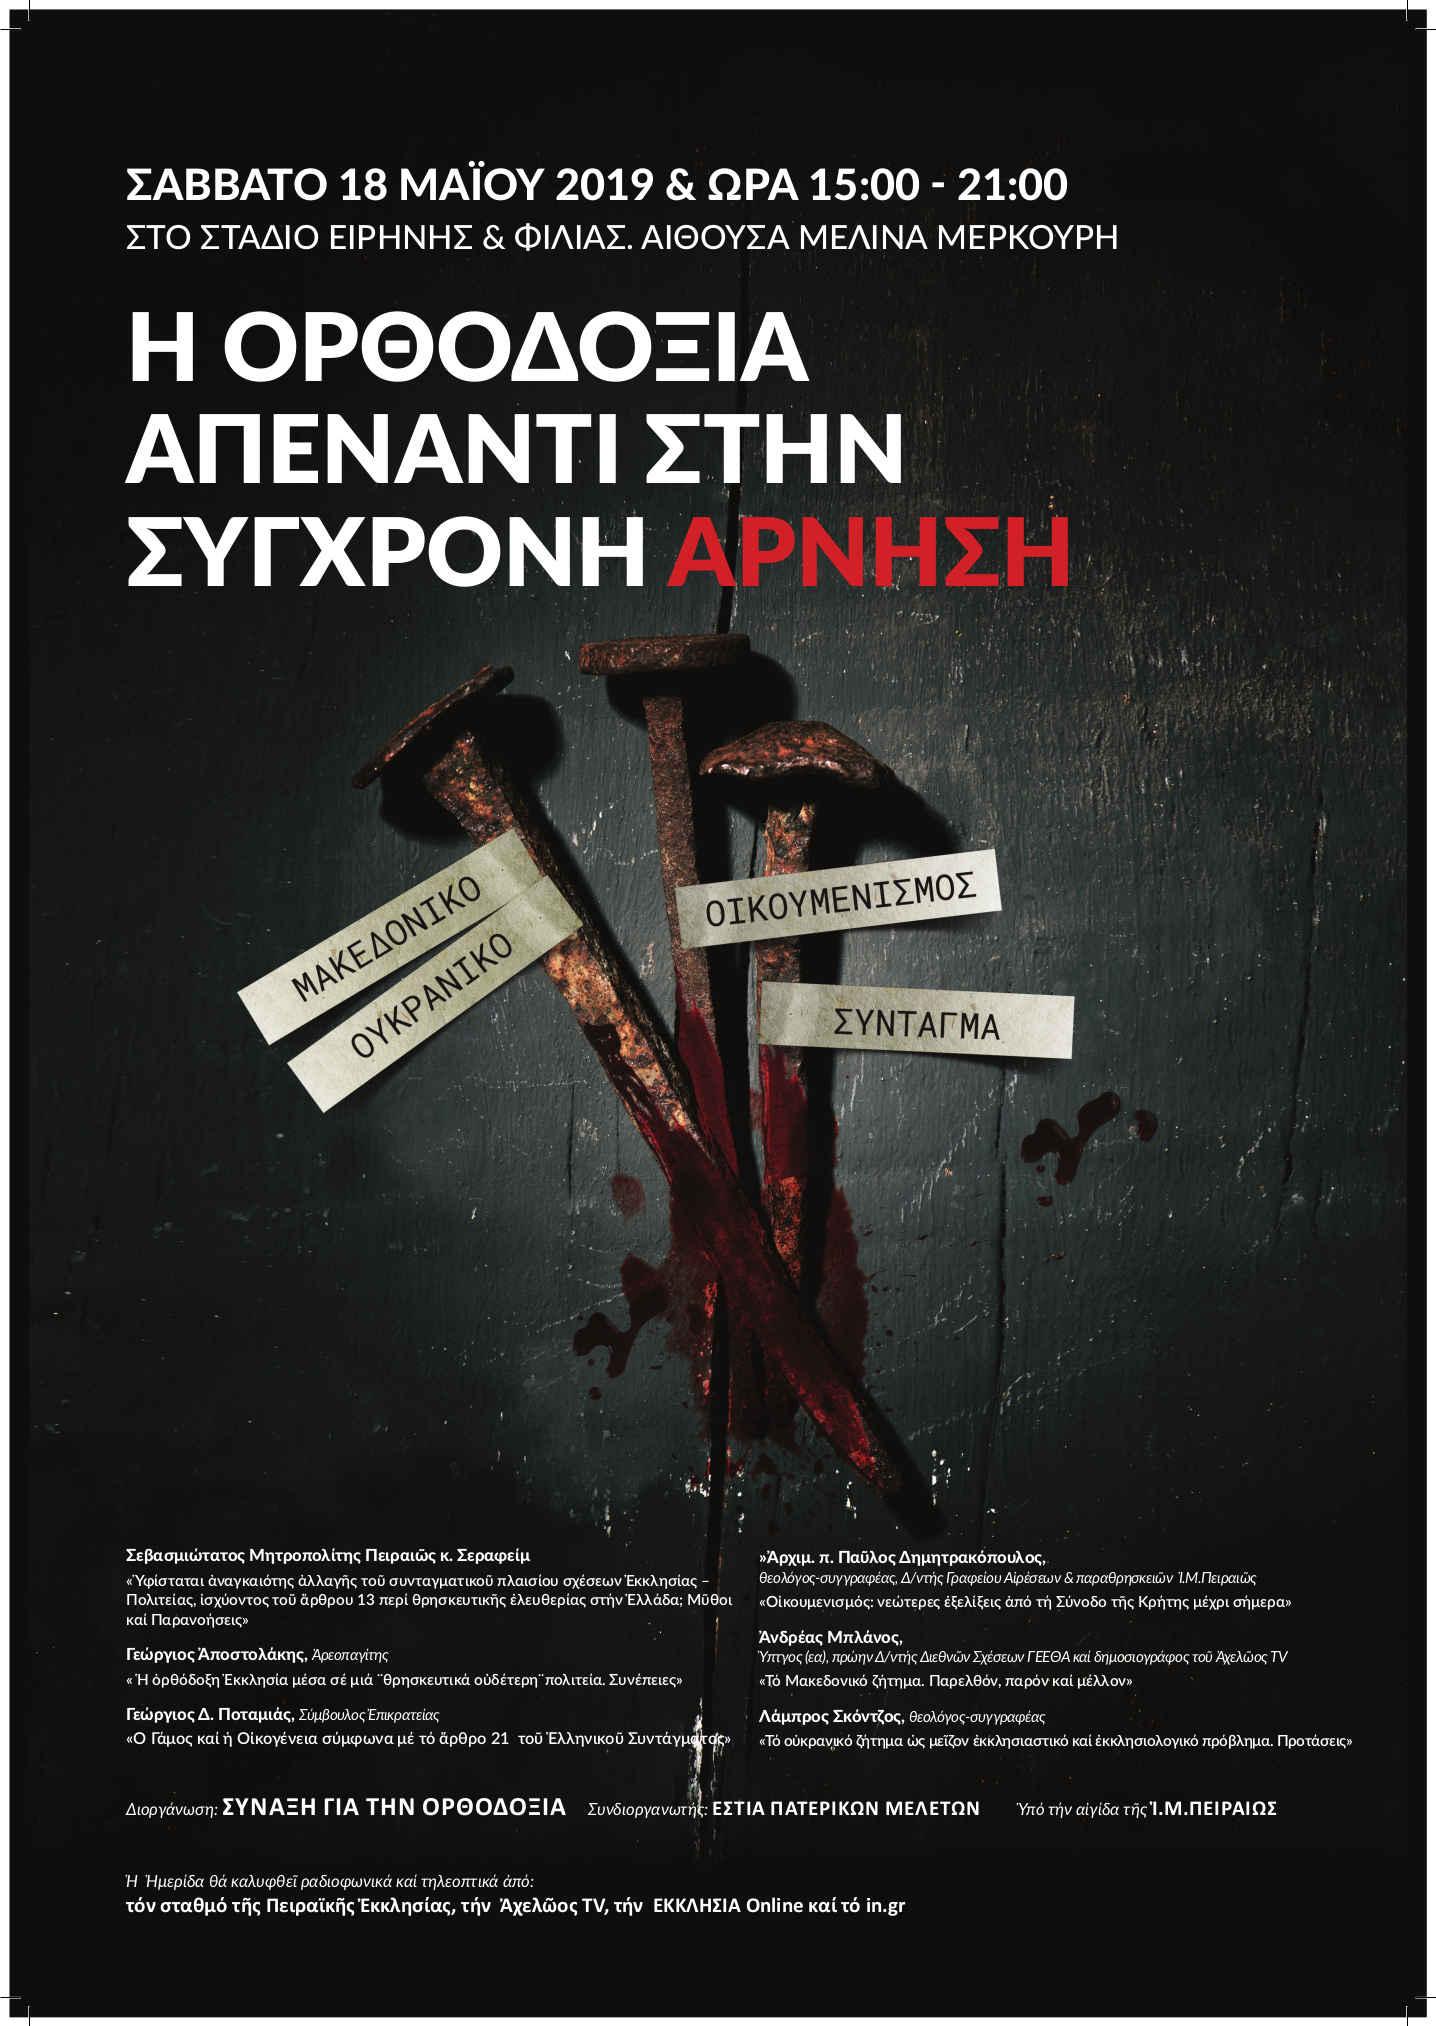 Αποτέλεσμα εικόνας για Οι εργασίες της ημερίδας «Η Ορθοδοξία απέναντι στη σύγχρονη άρνηση»